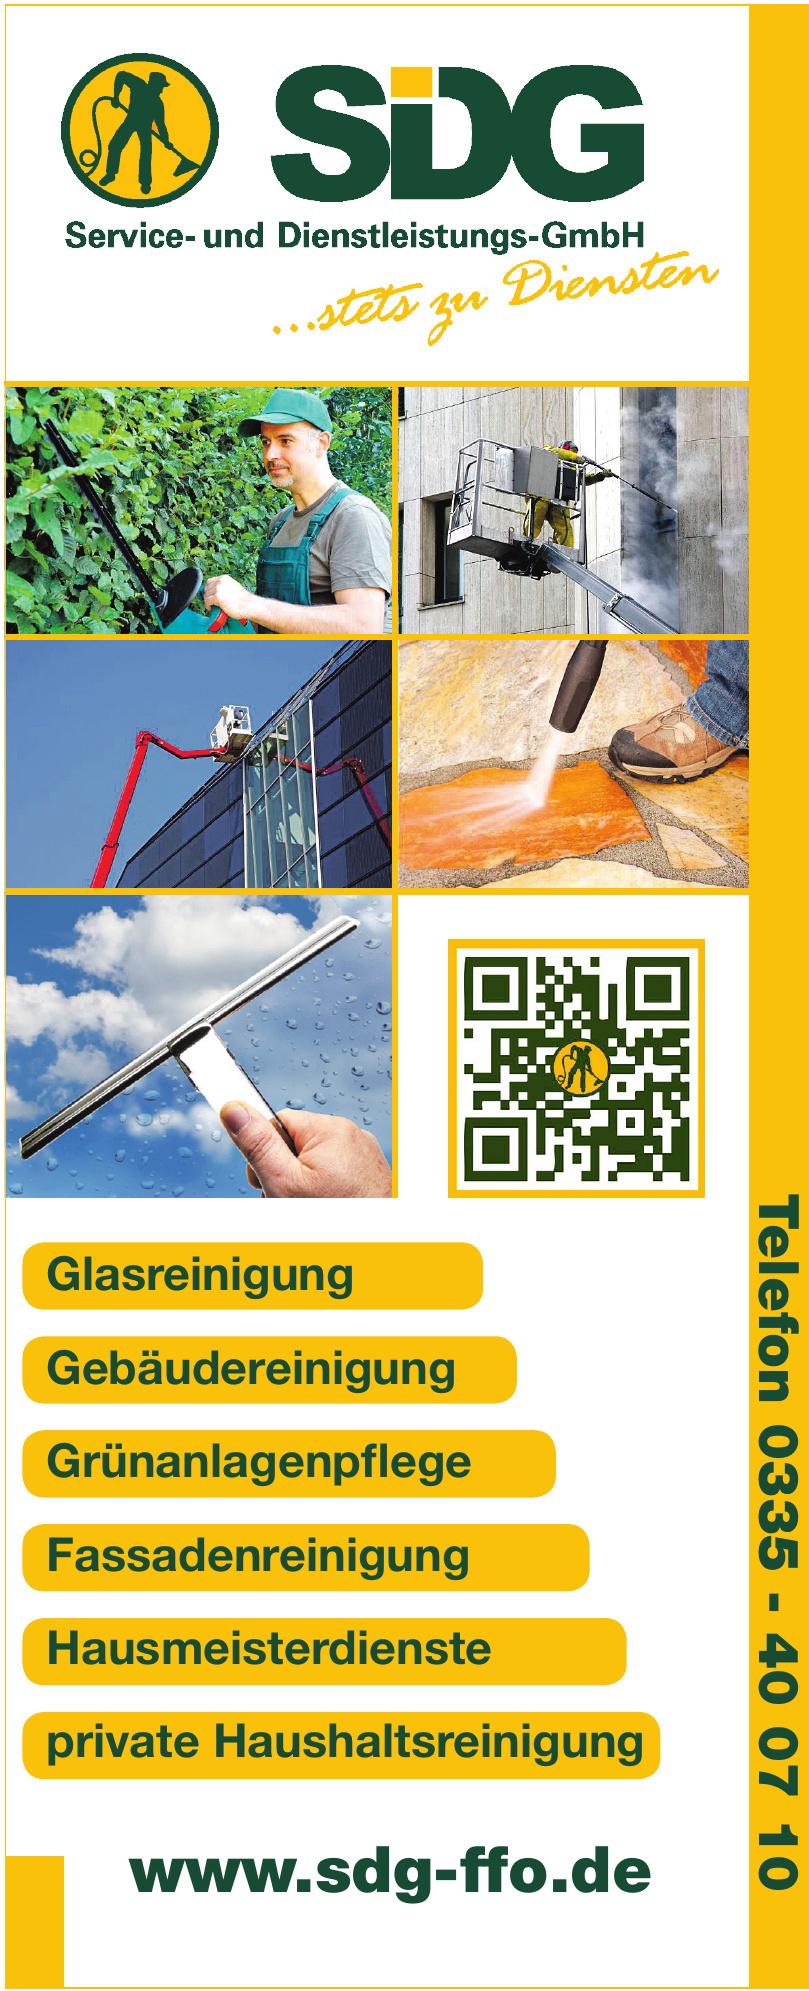 SDG Service- und Dienstleistungs-GmbH